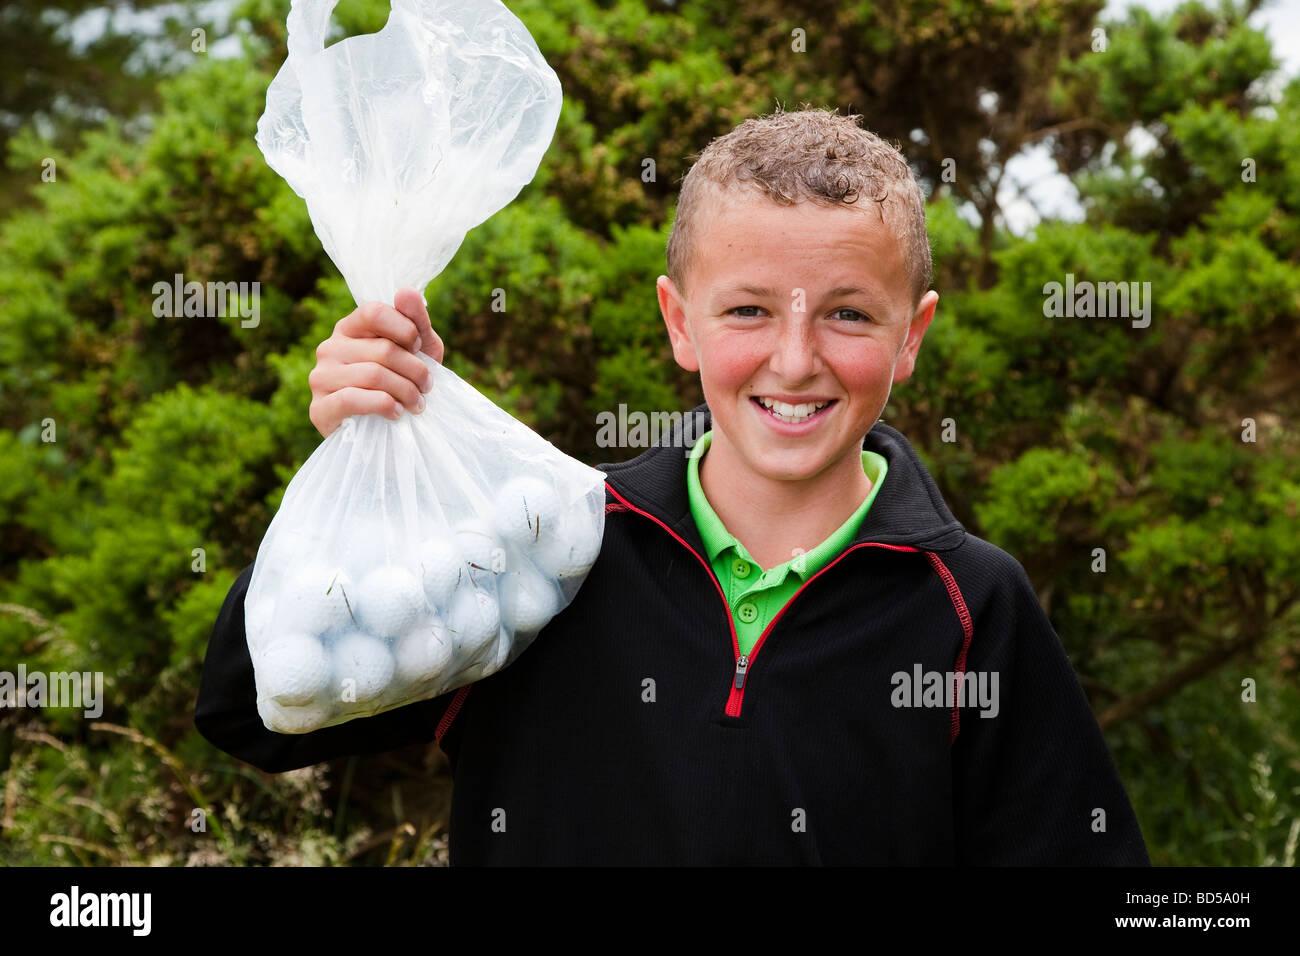 Jeune garçon la collecte des balles de golf sur un parcours de golf Photo Stock